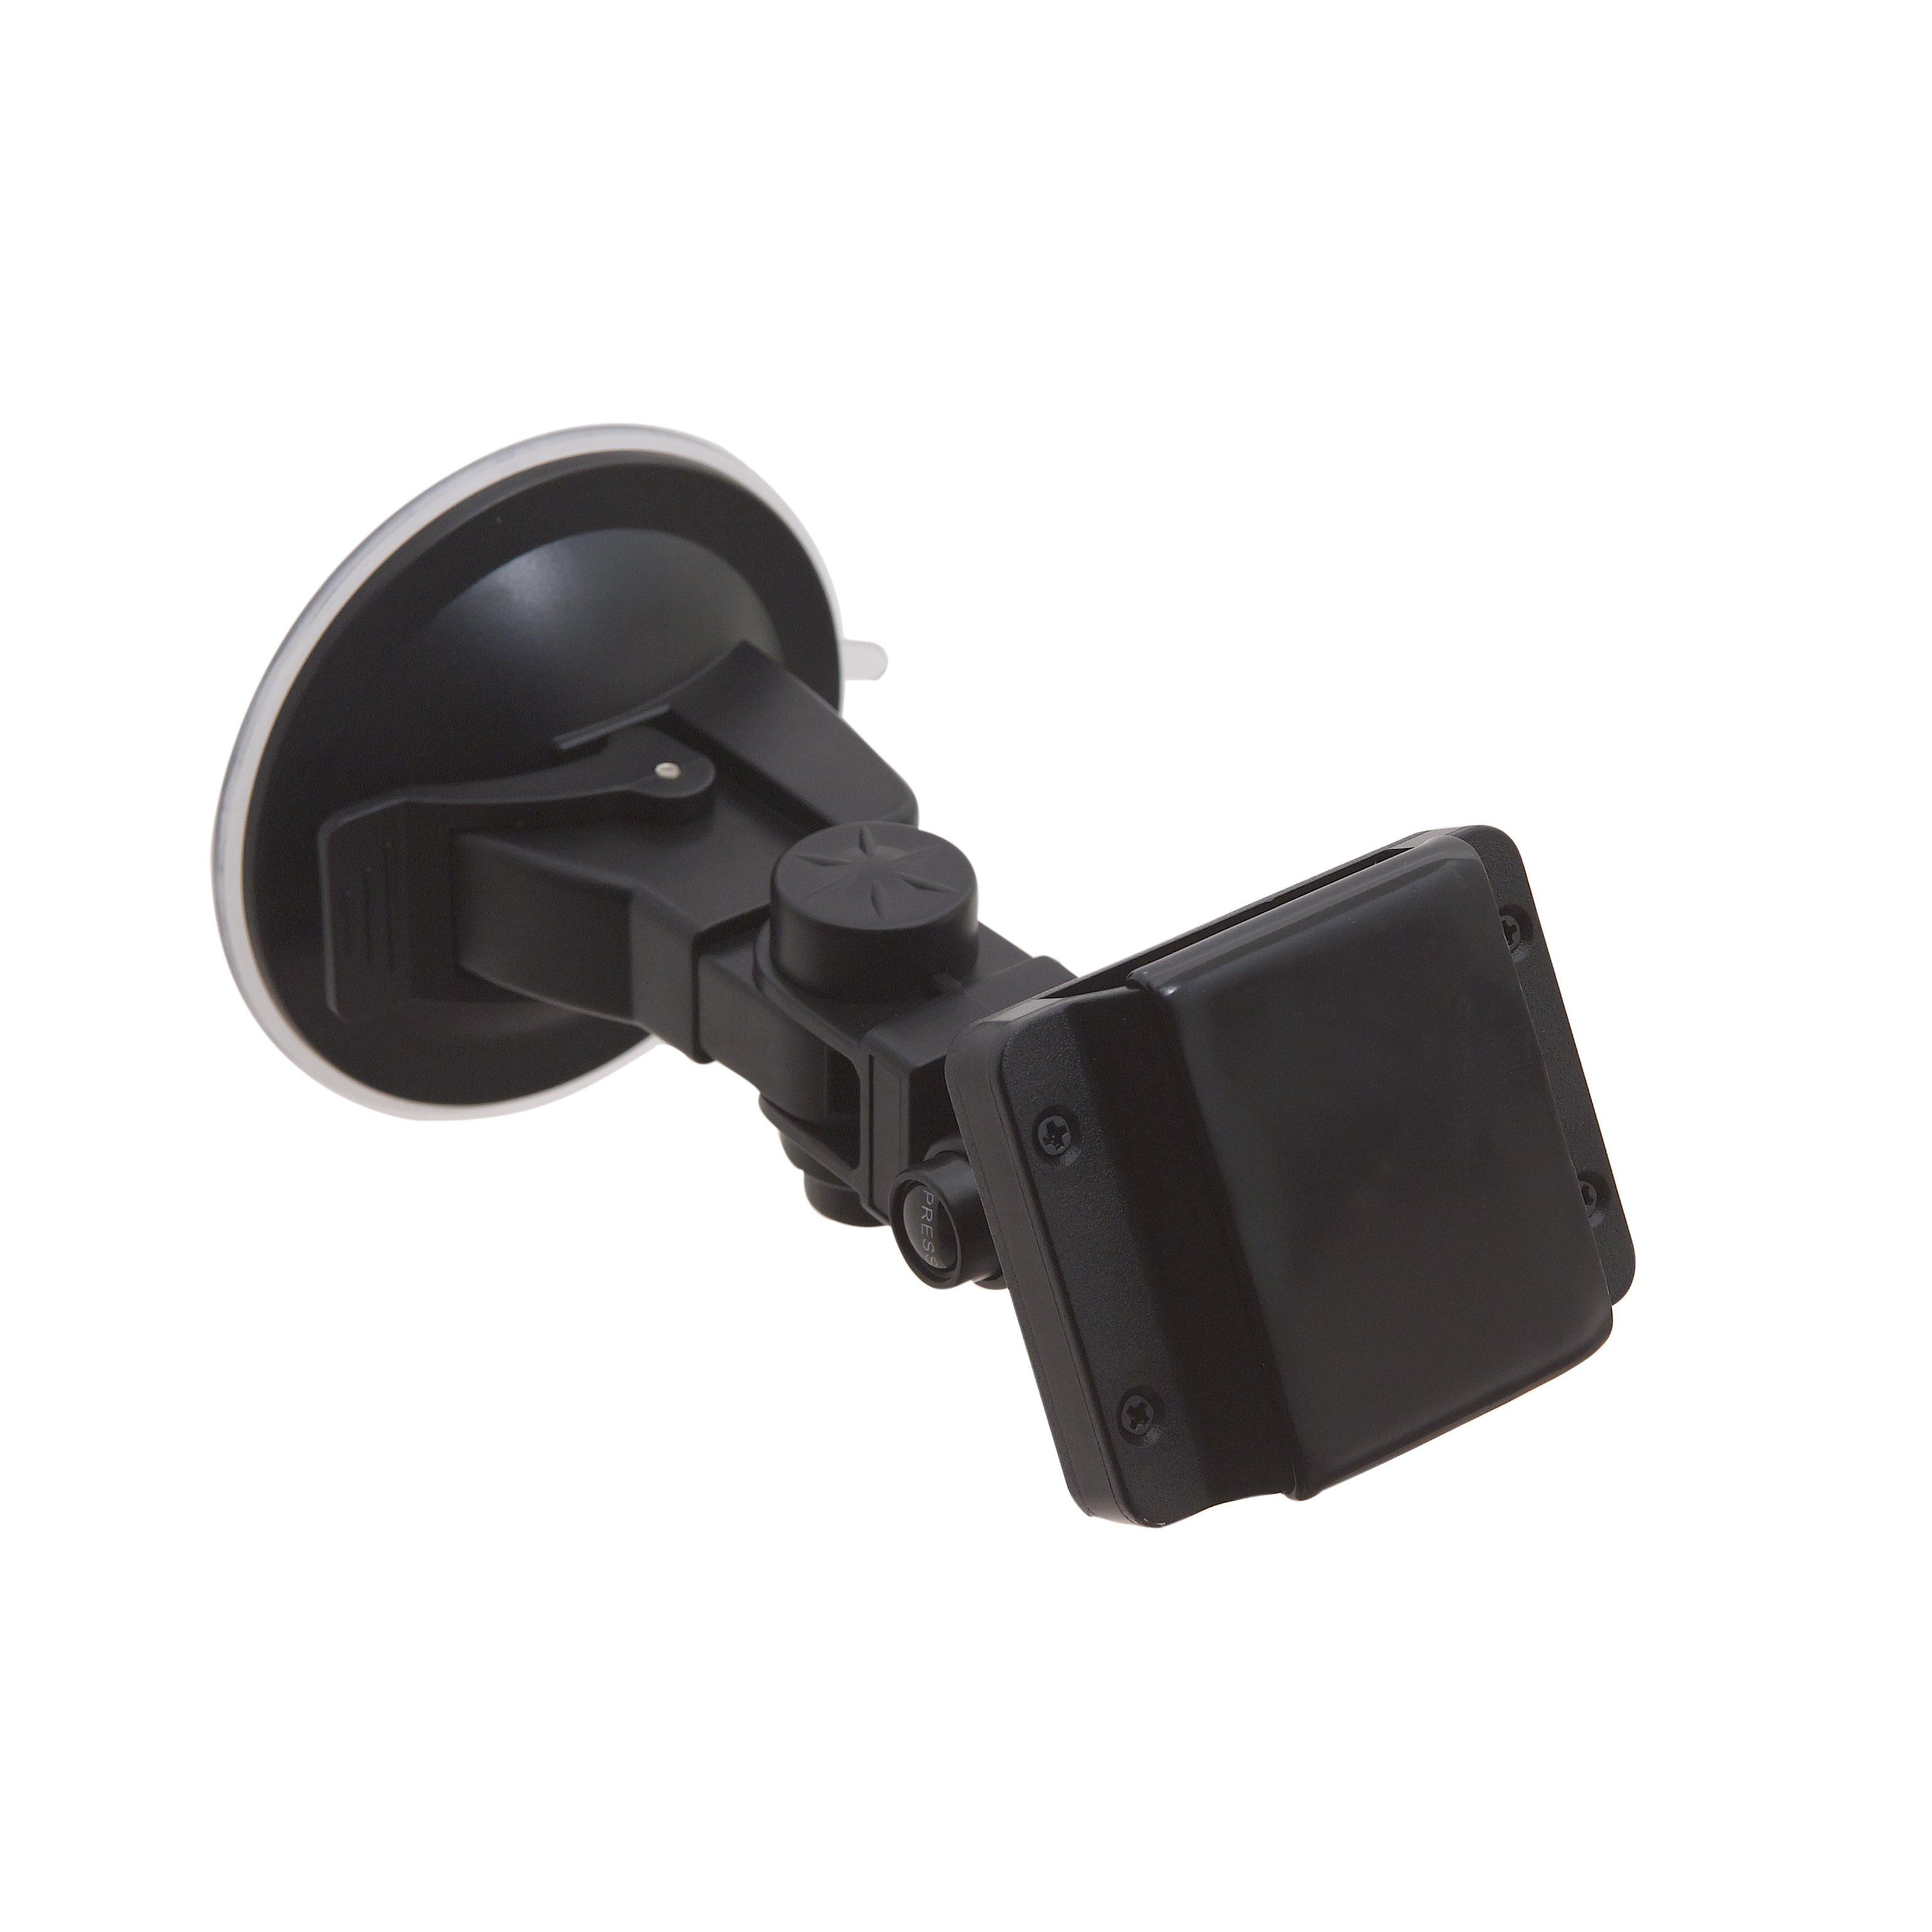 GPS Cart Mount Kit